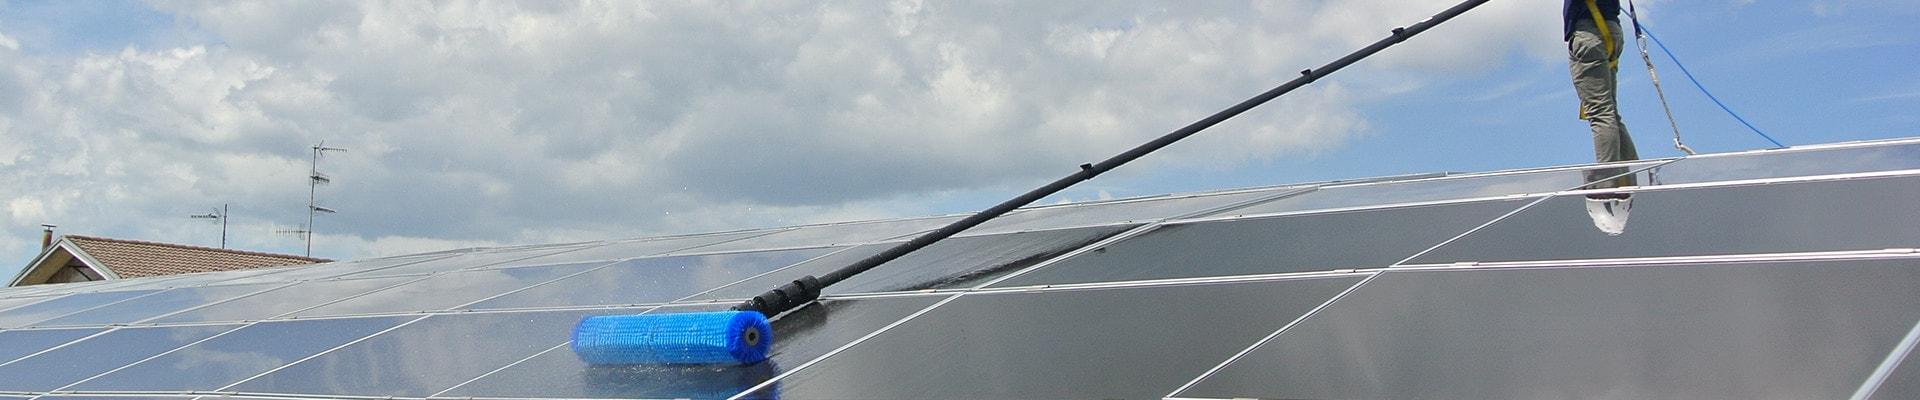 Ökologische Solarreinigung in Baden Württemberg